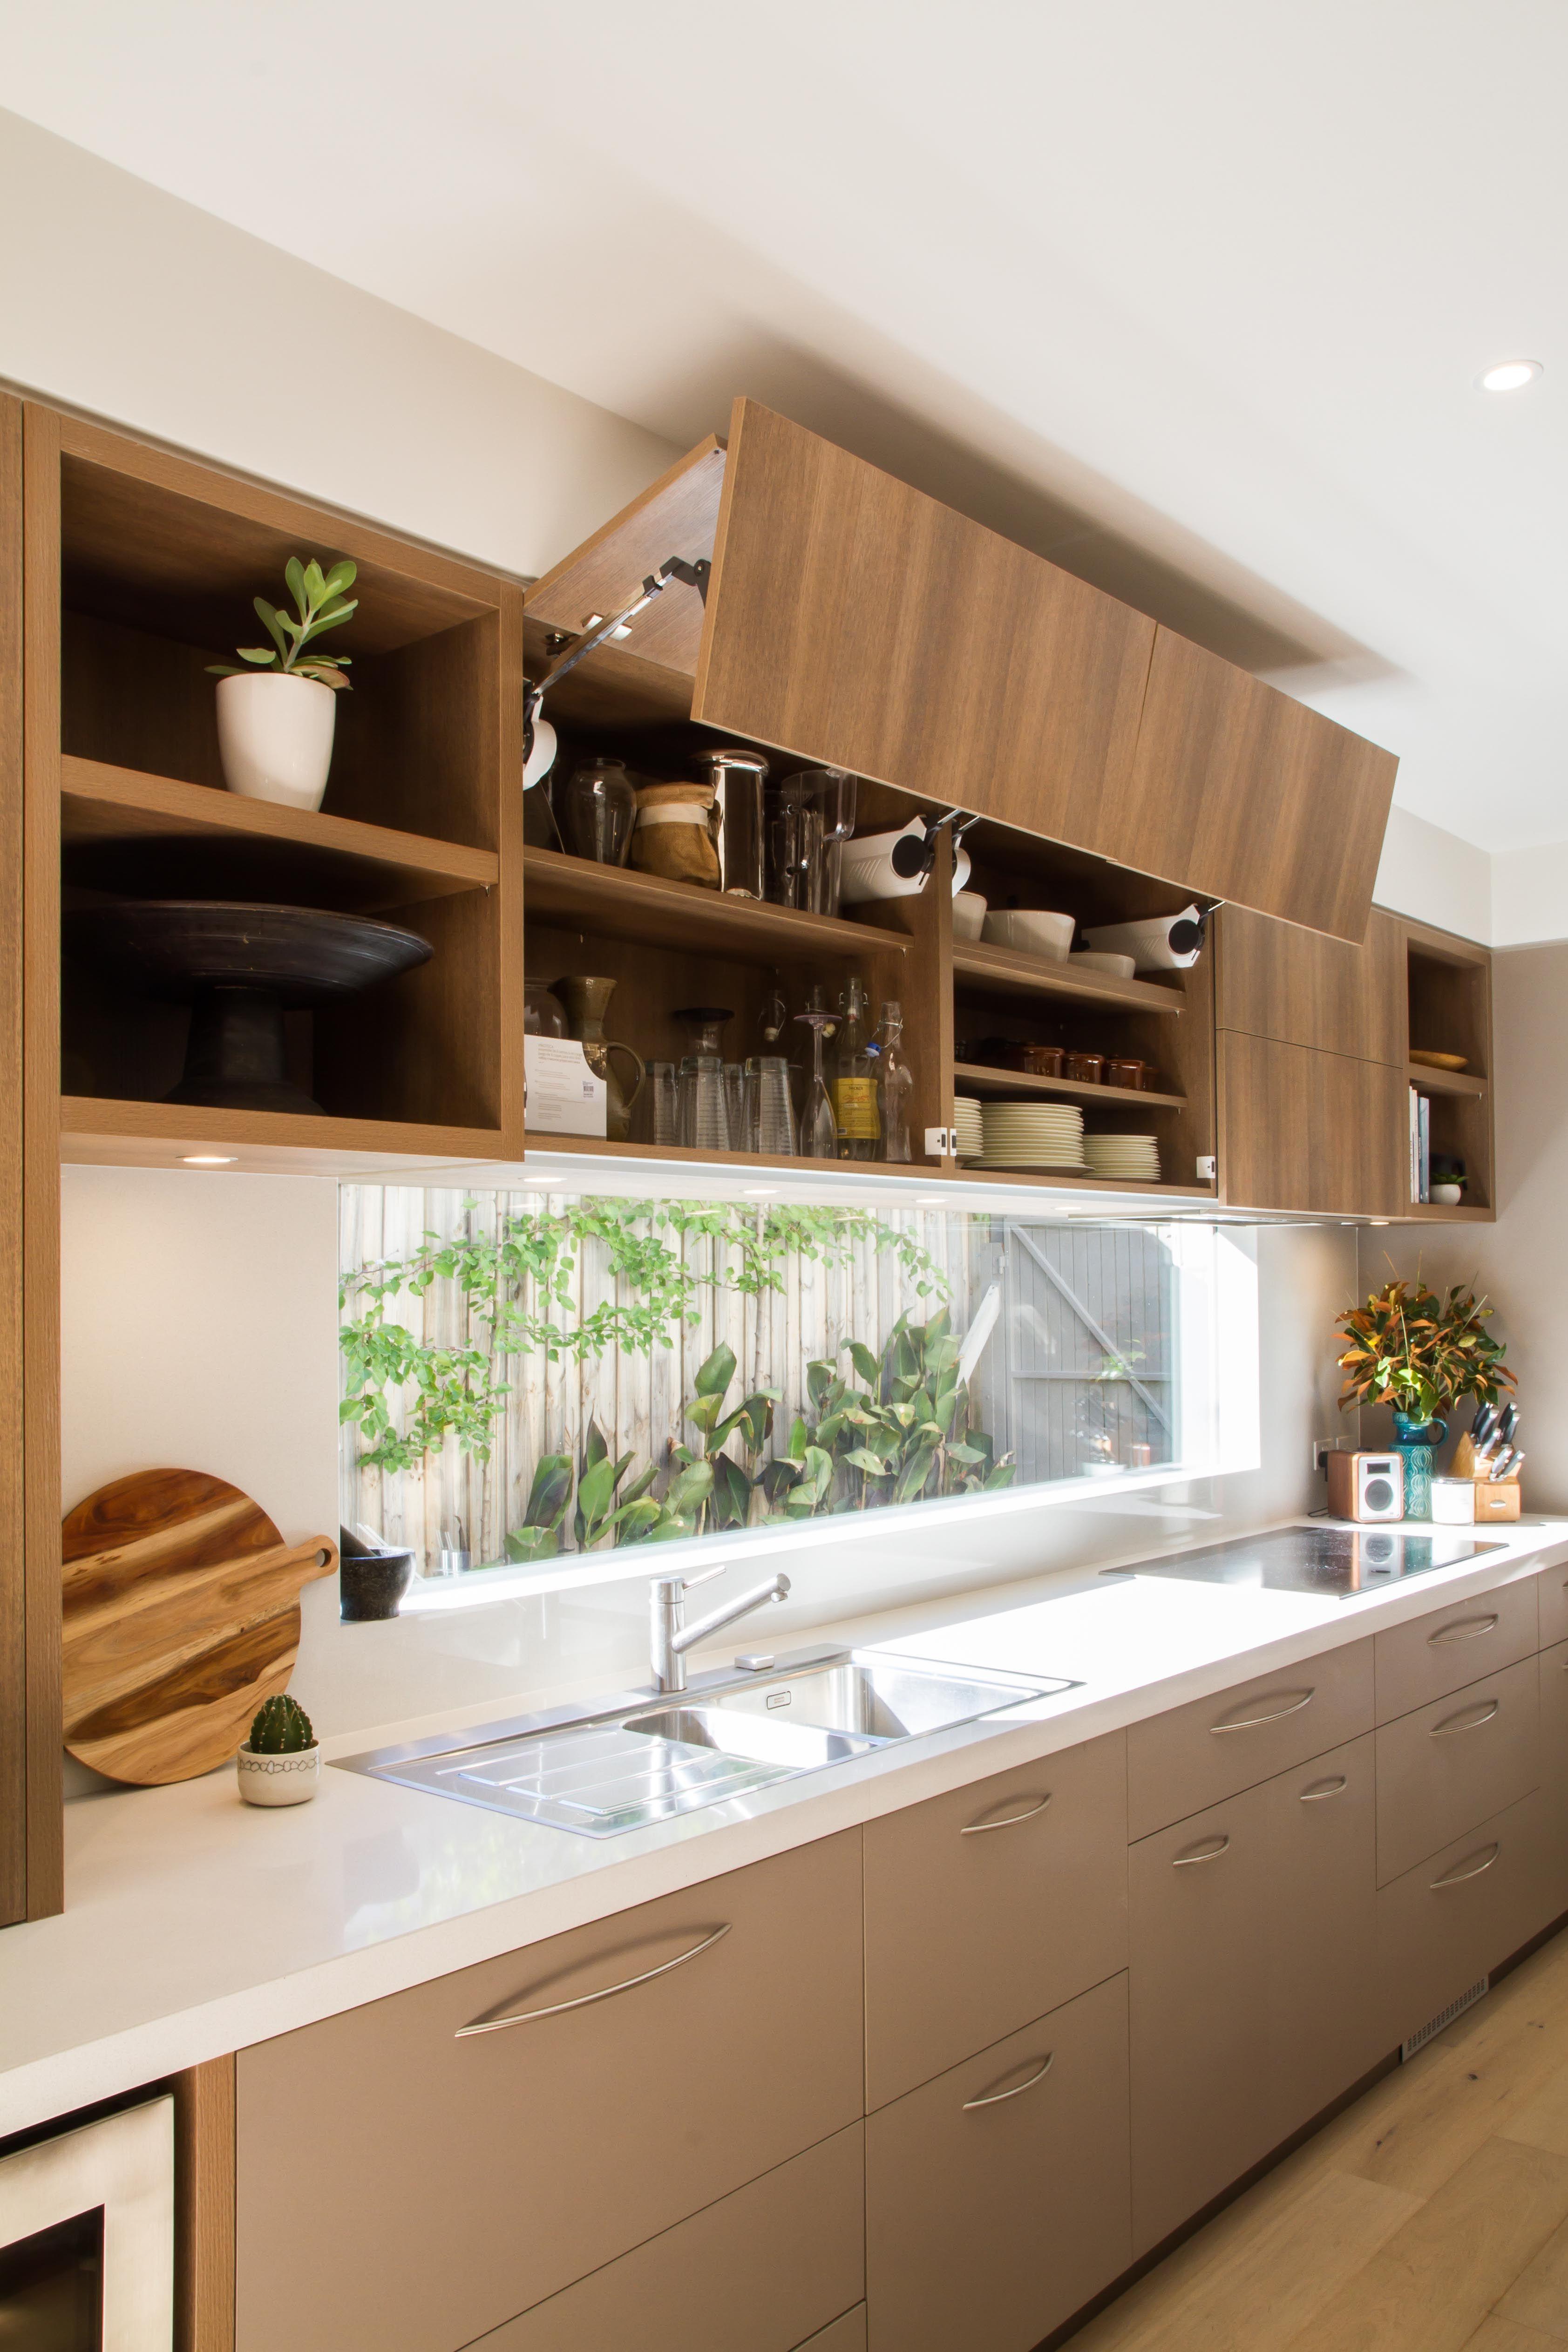 Pin von Cecy Hdz auf cocina | Pinterest | Häuschen Grundrisse, Küche ...